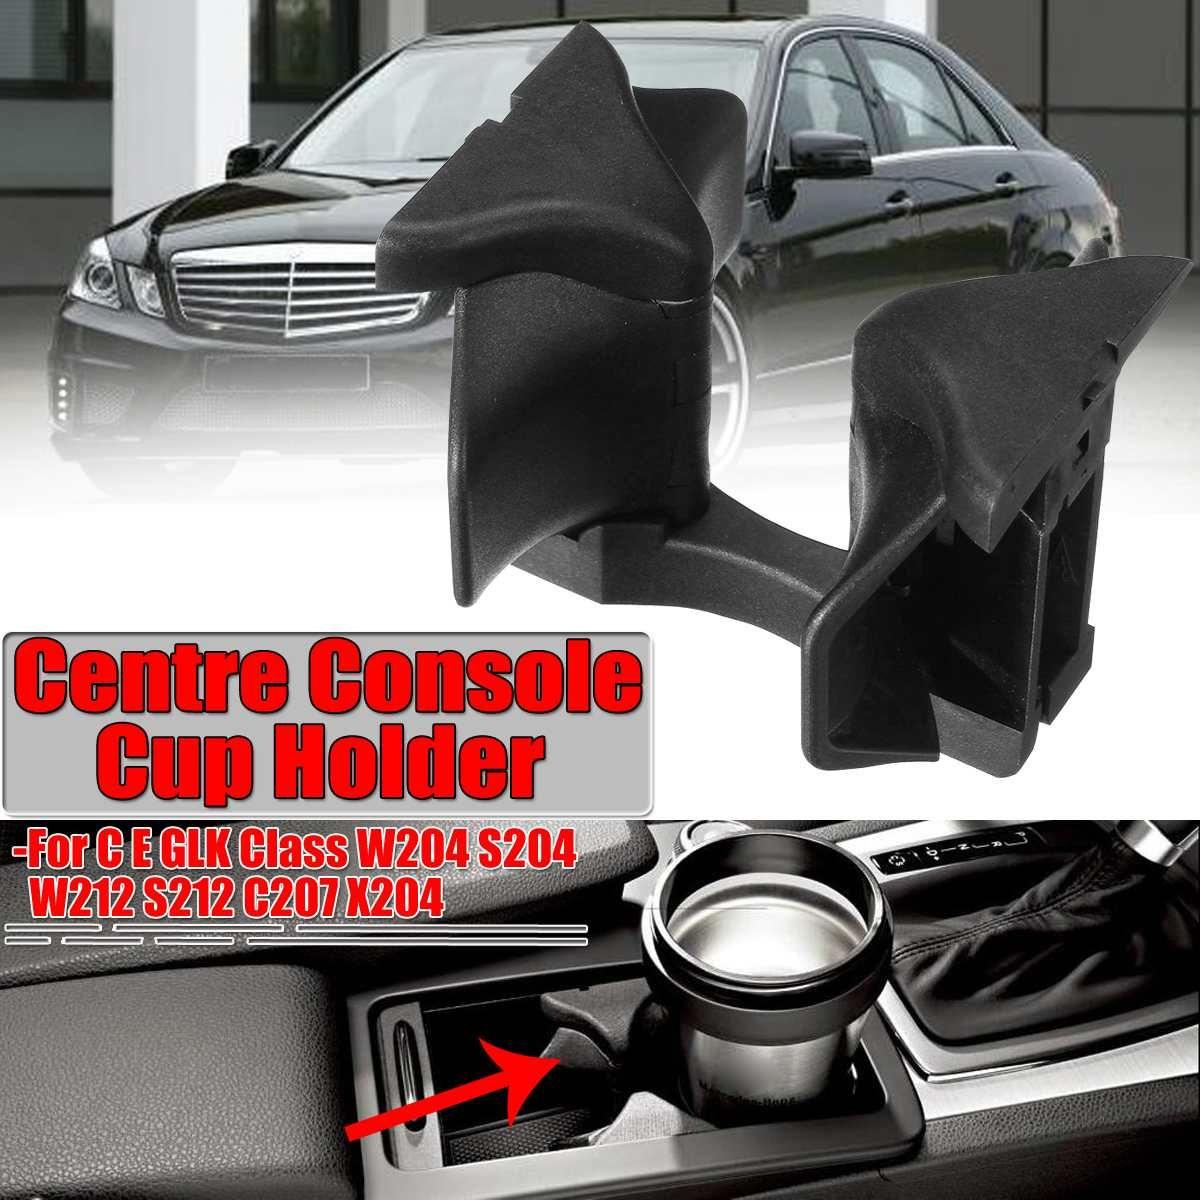 W204 Auto Center Konsole Wasser Tasse Halter Einfügen Teiler Bord Für Mercedes Für Benz C E GLK Klasse W204 S204 w212 S212 C207 X204